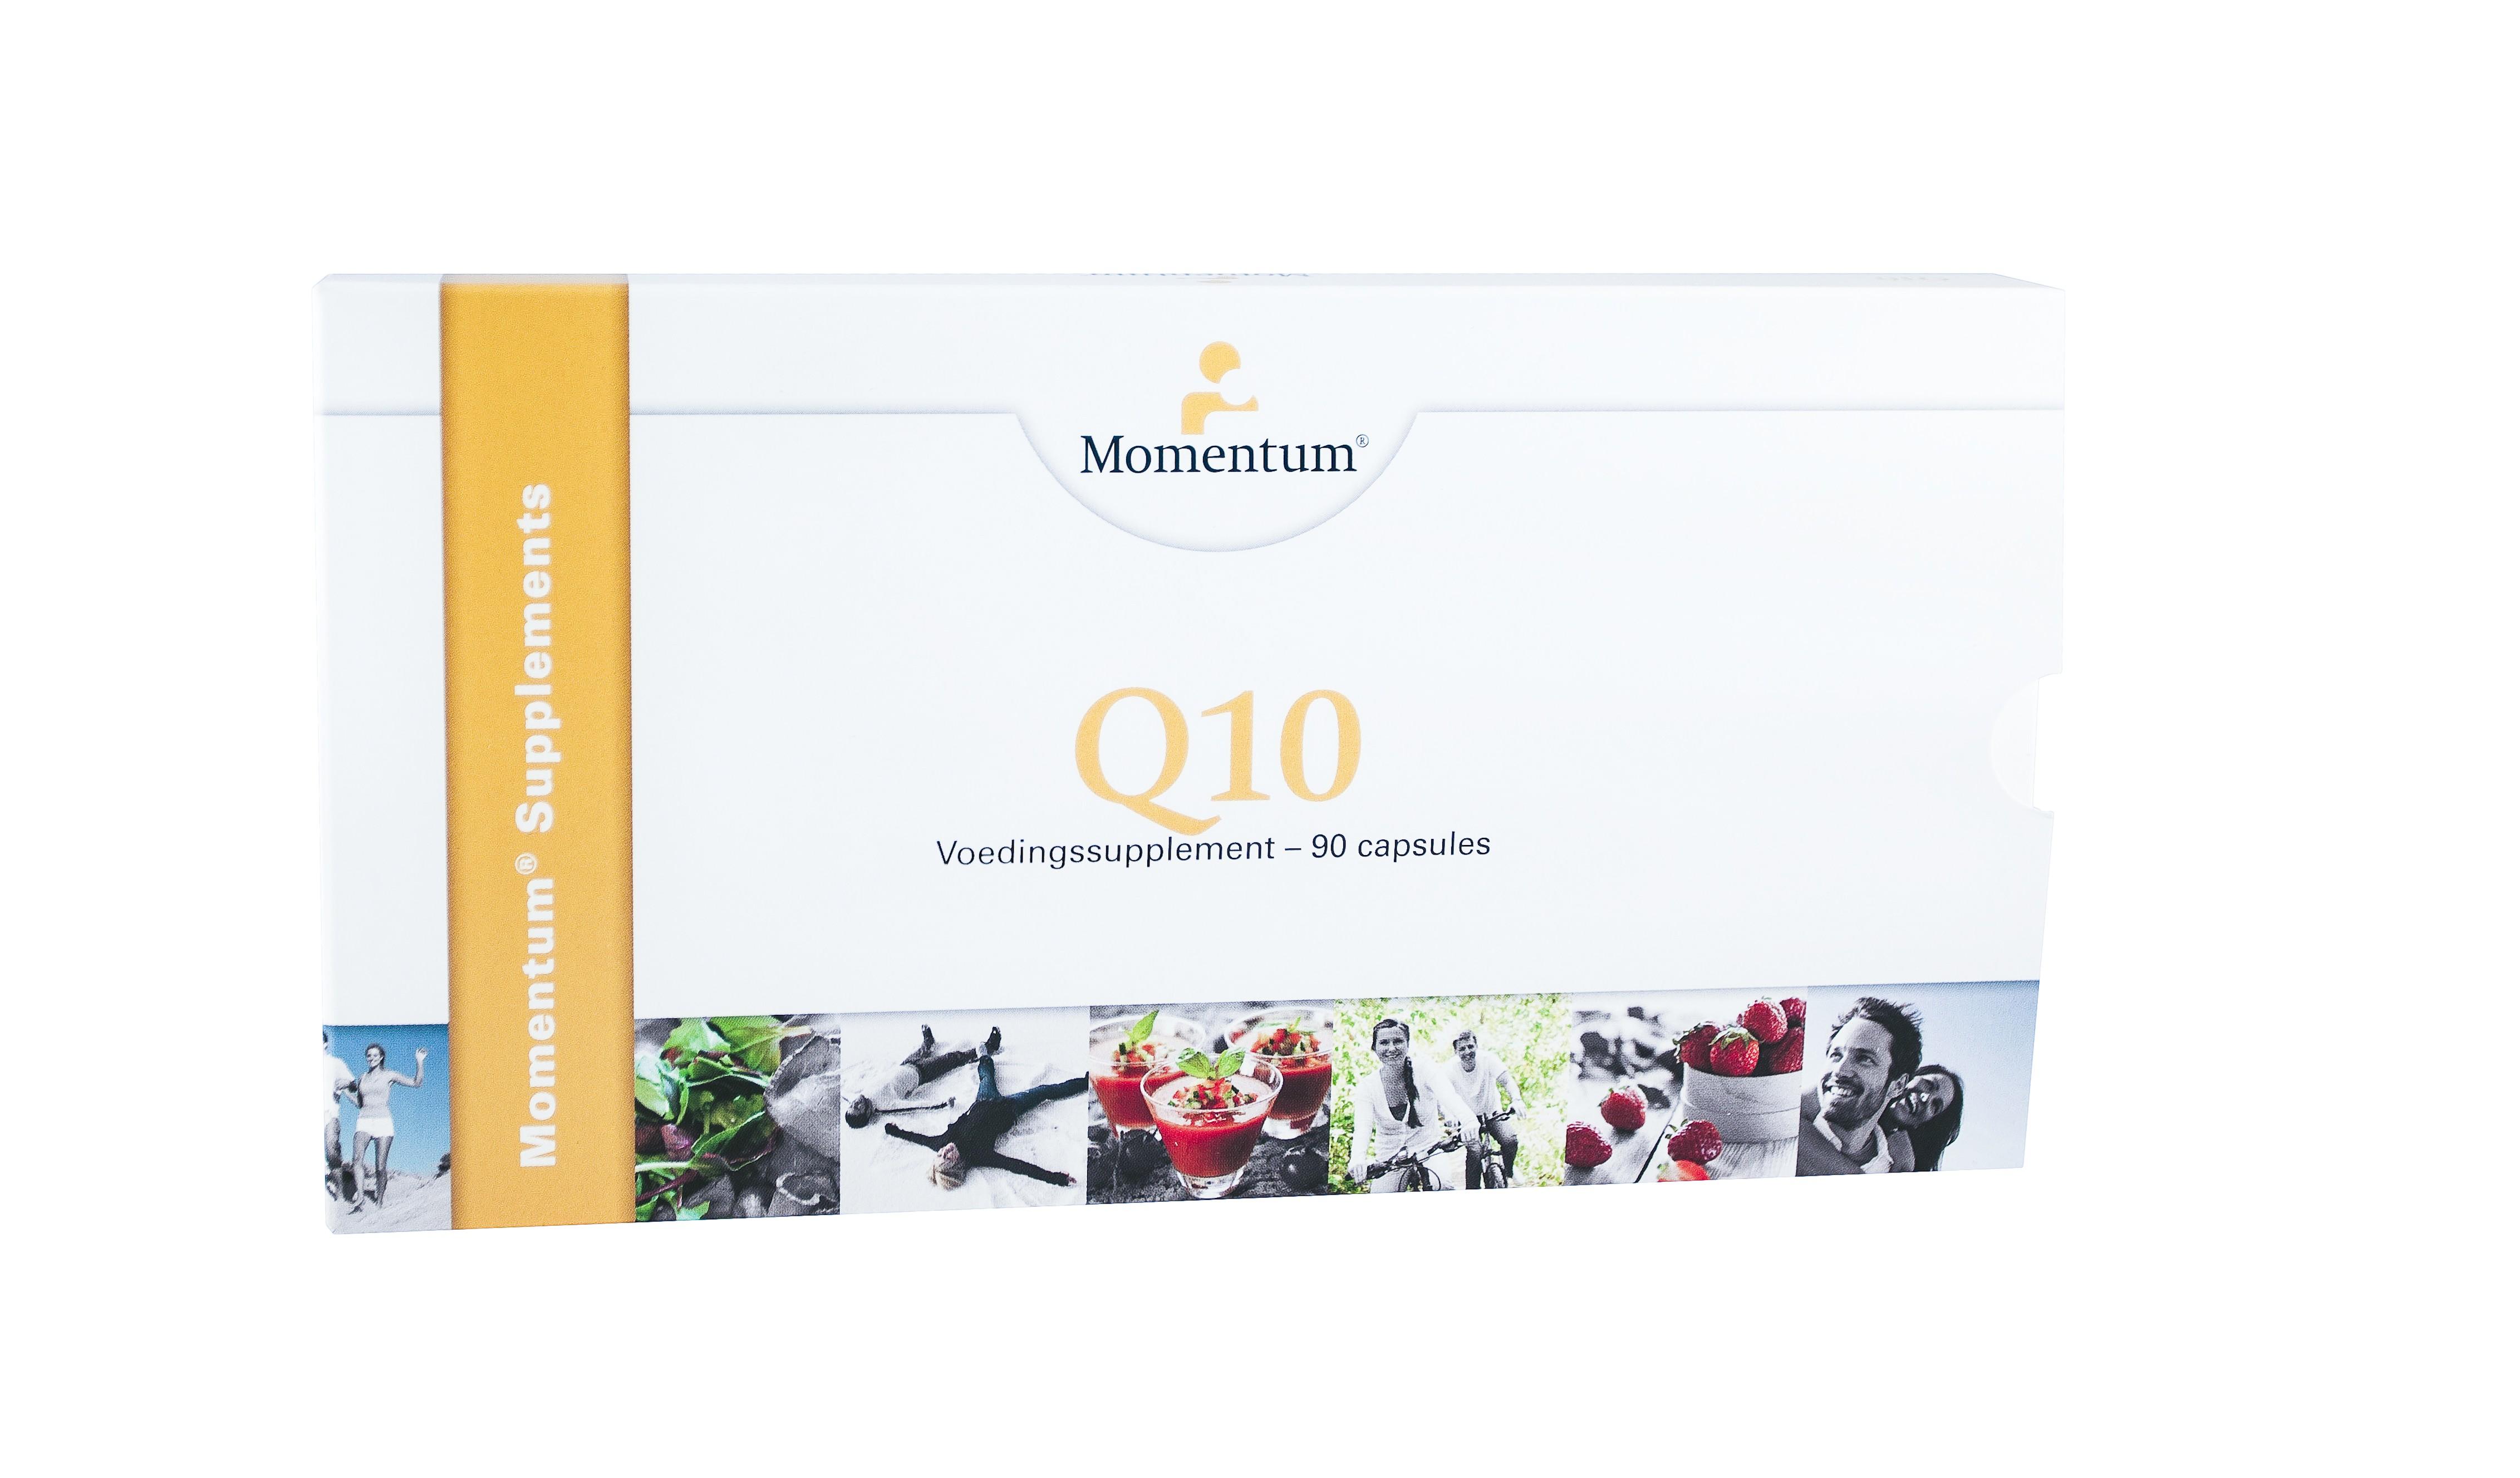 Q10 momentum sensas